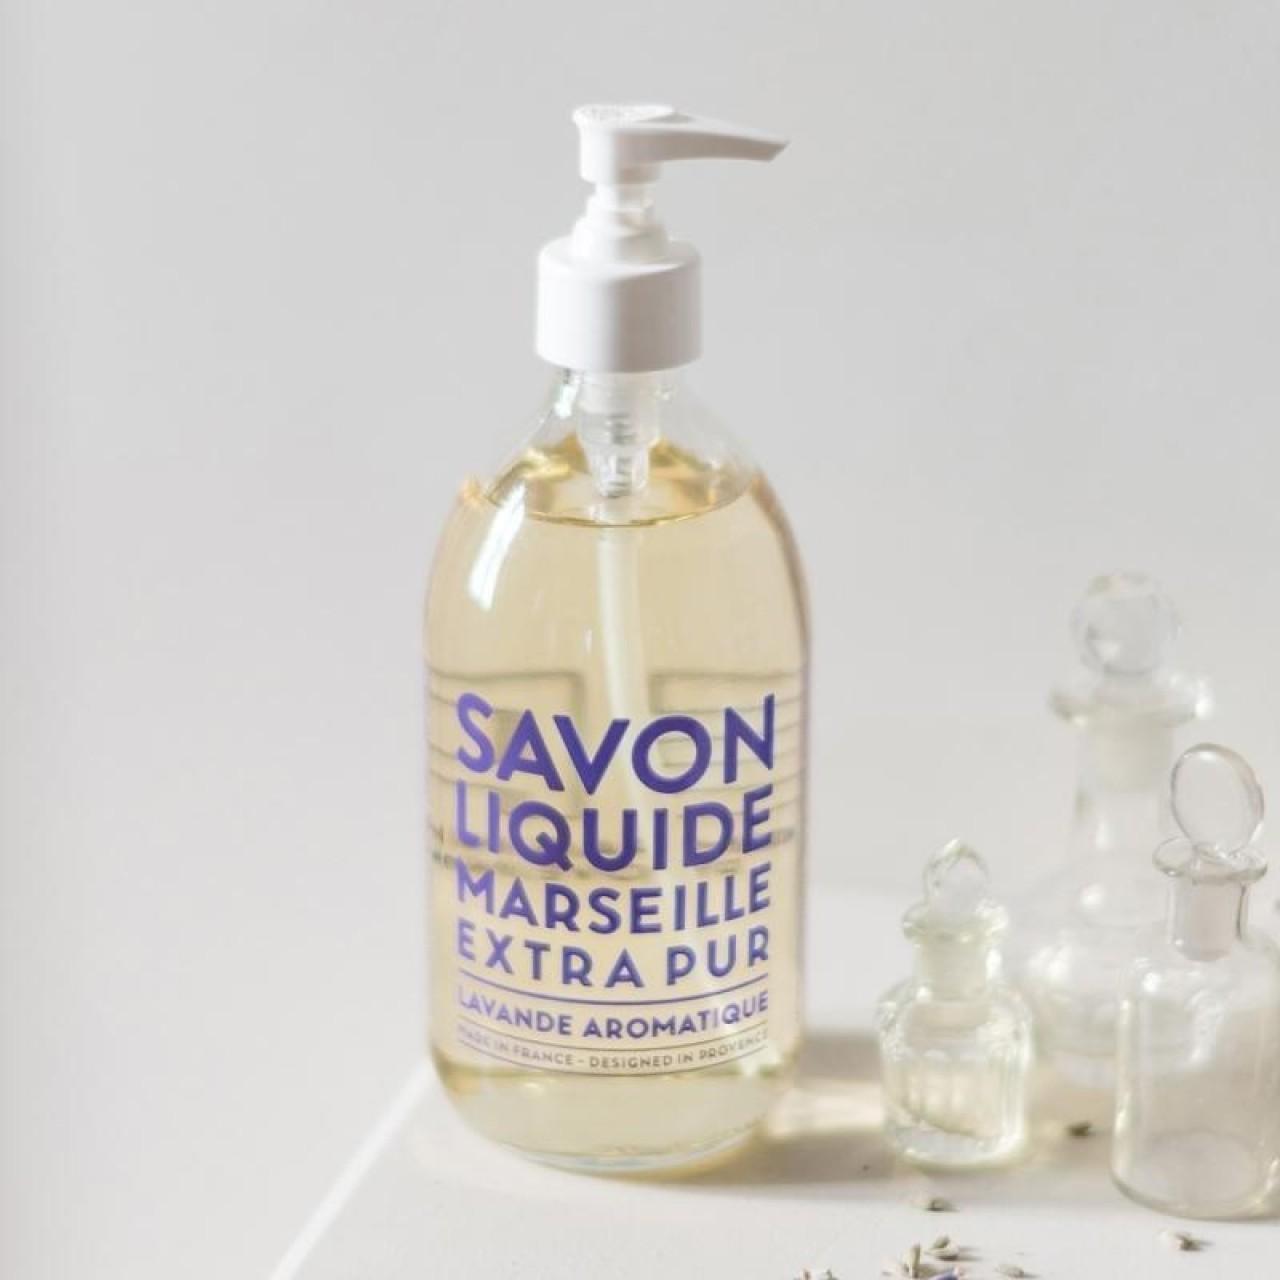 Sapone Liquido di Marsiglia alla Lavanda Aromatica 500 ml Compagnie de Provence Italia CPPF0101SL500LA-01